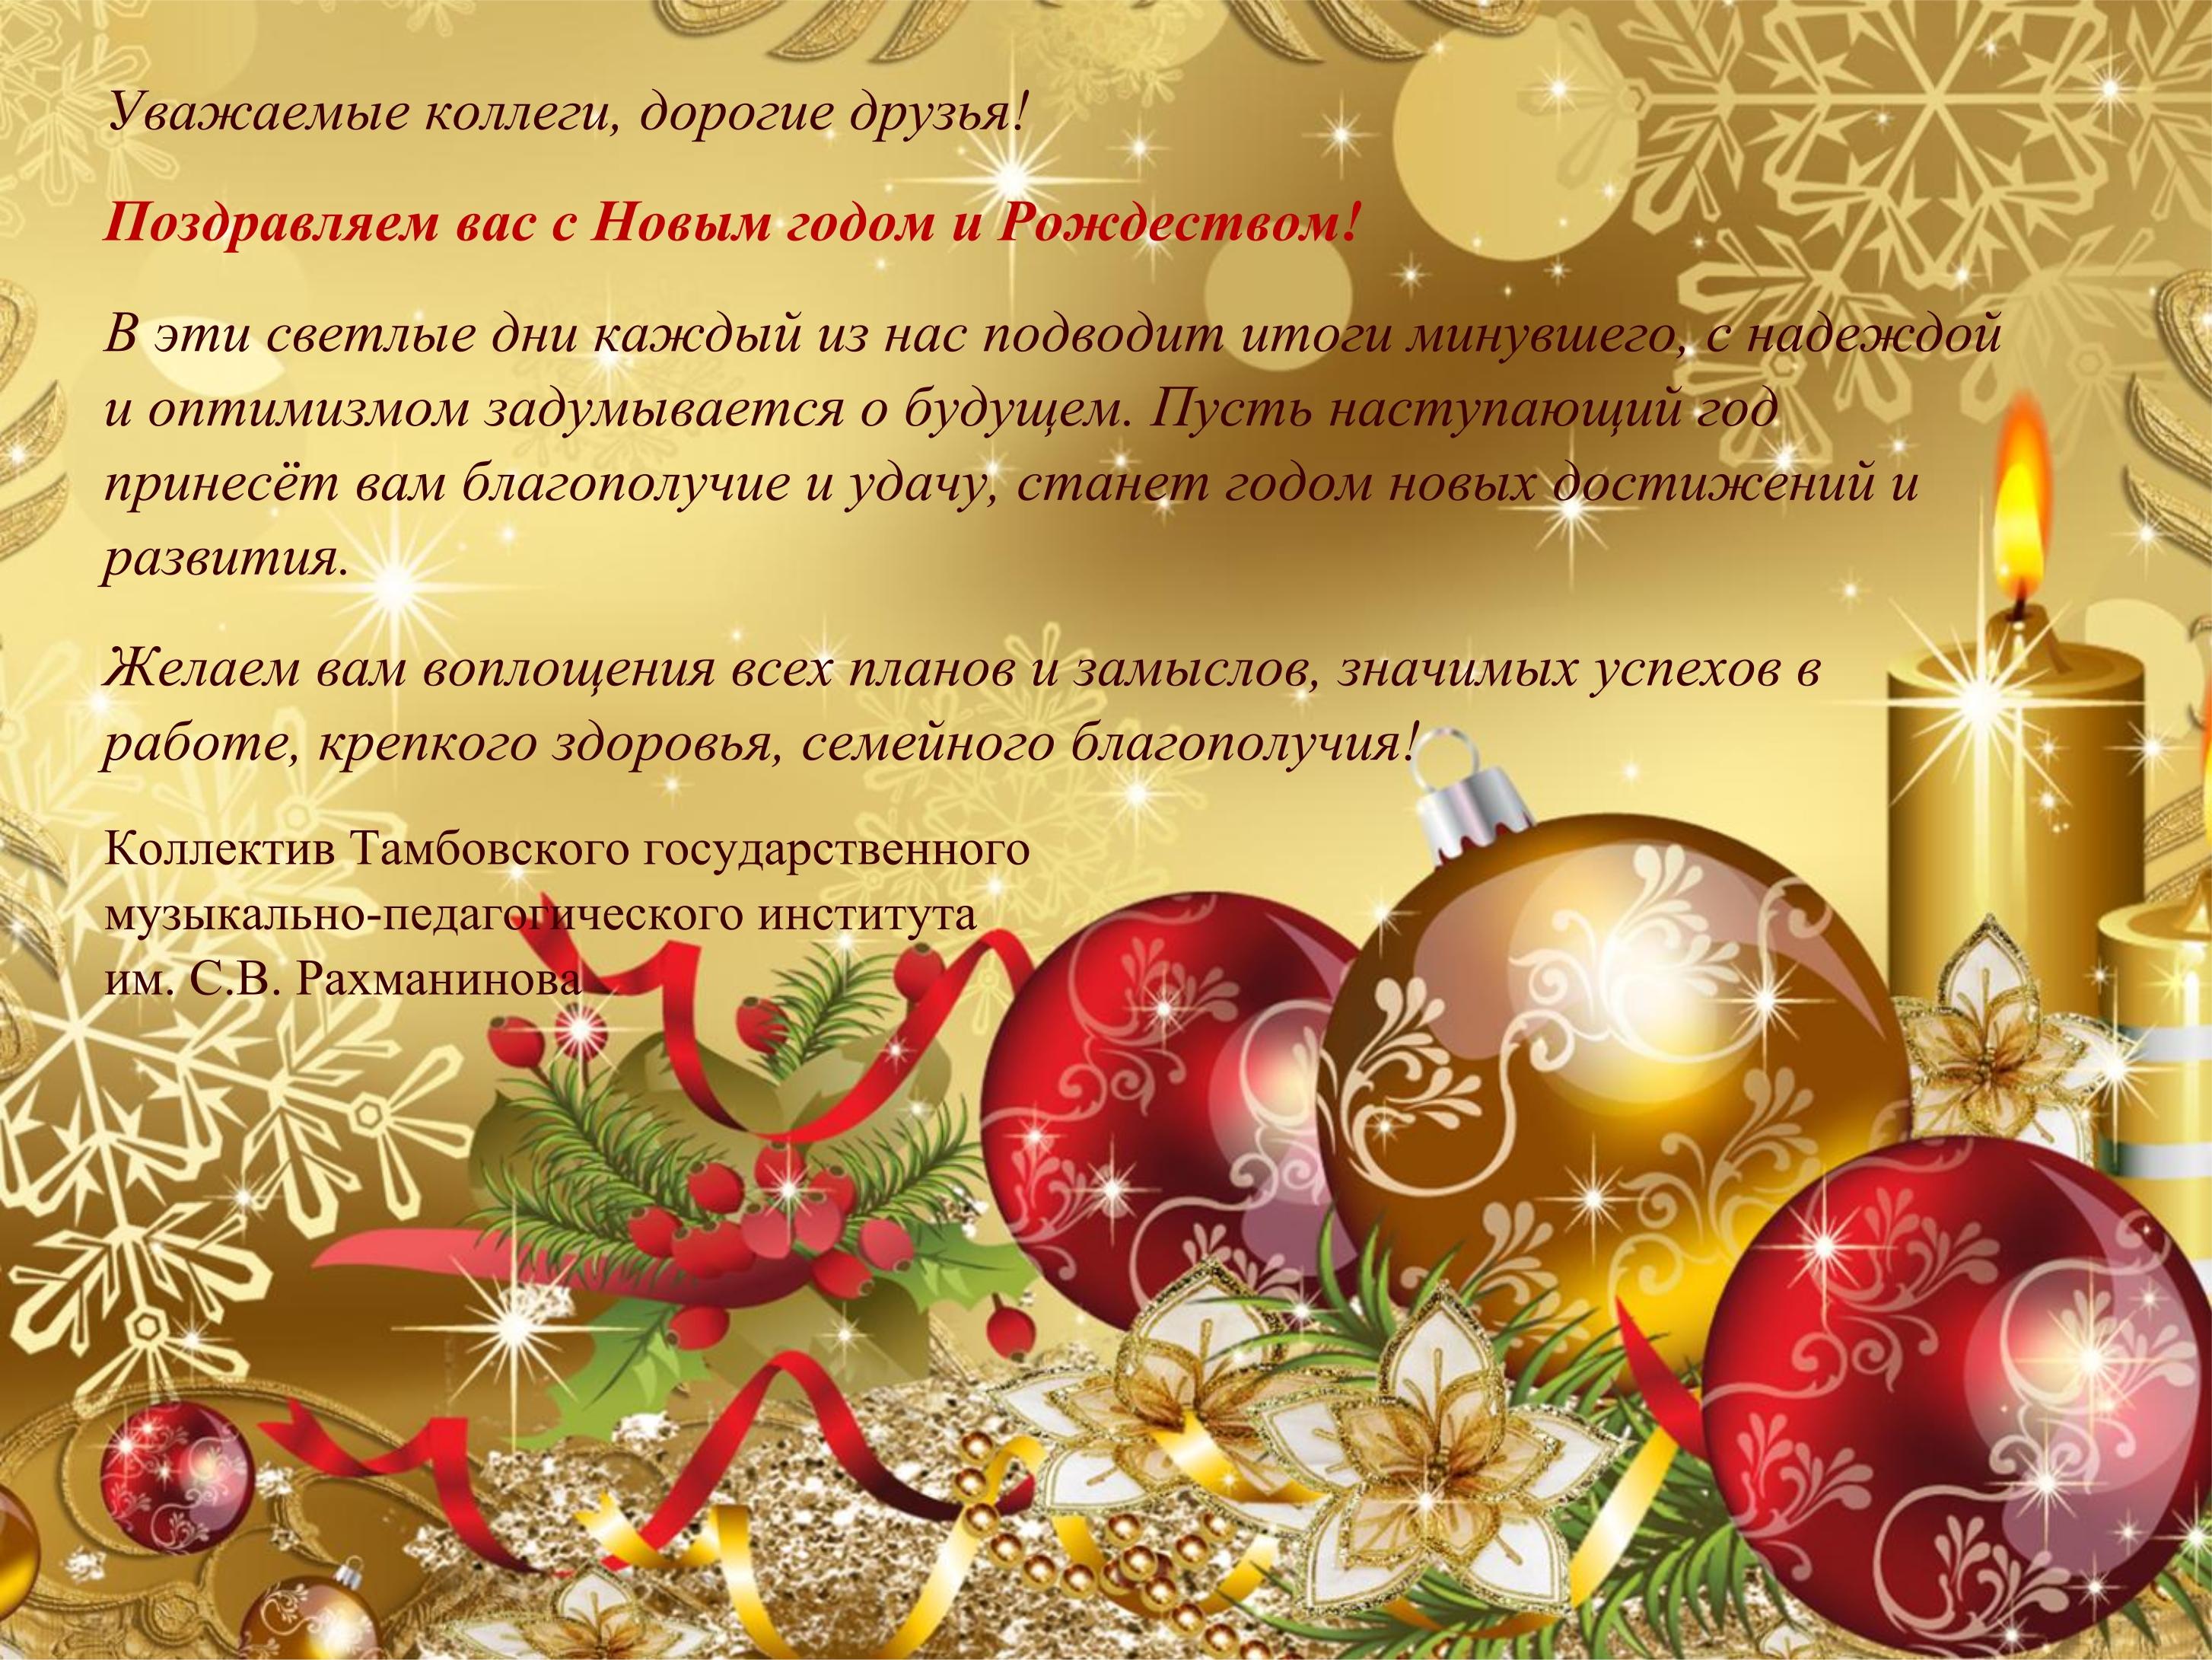 Поздравления с новым годом прикольные коллегам проза